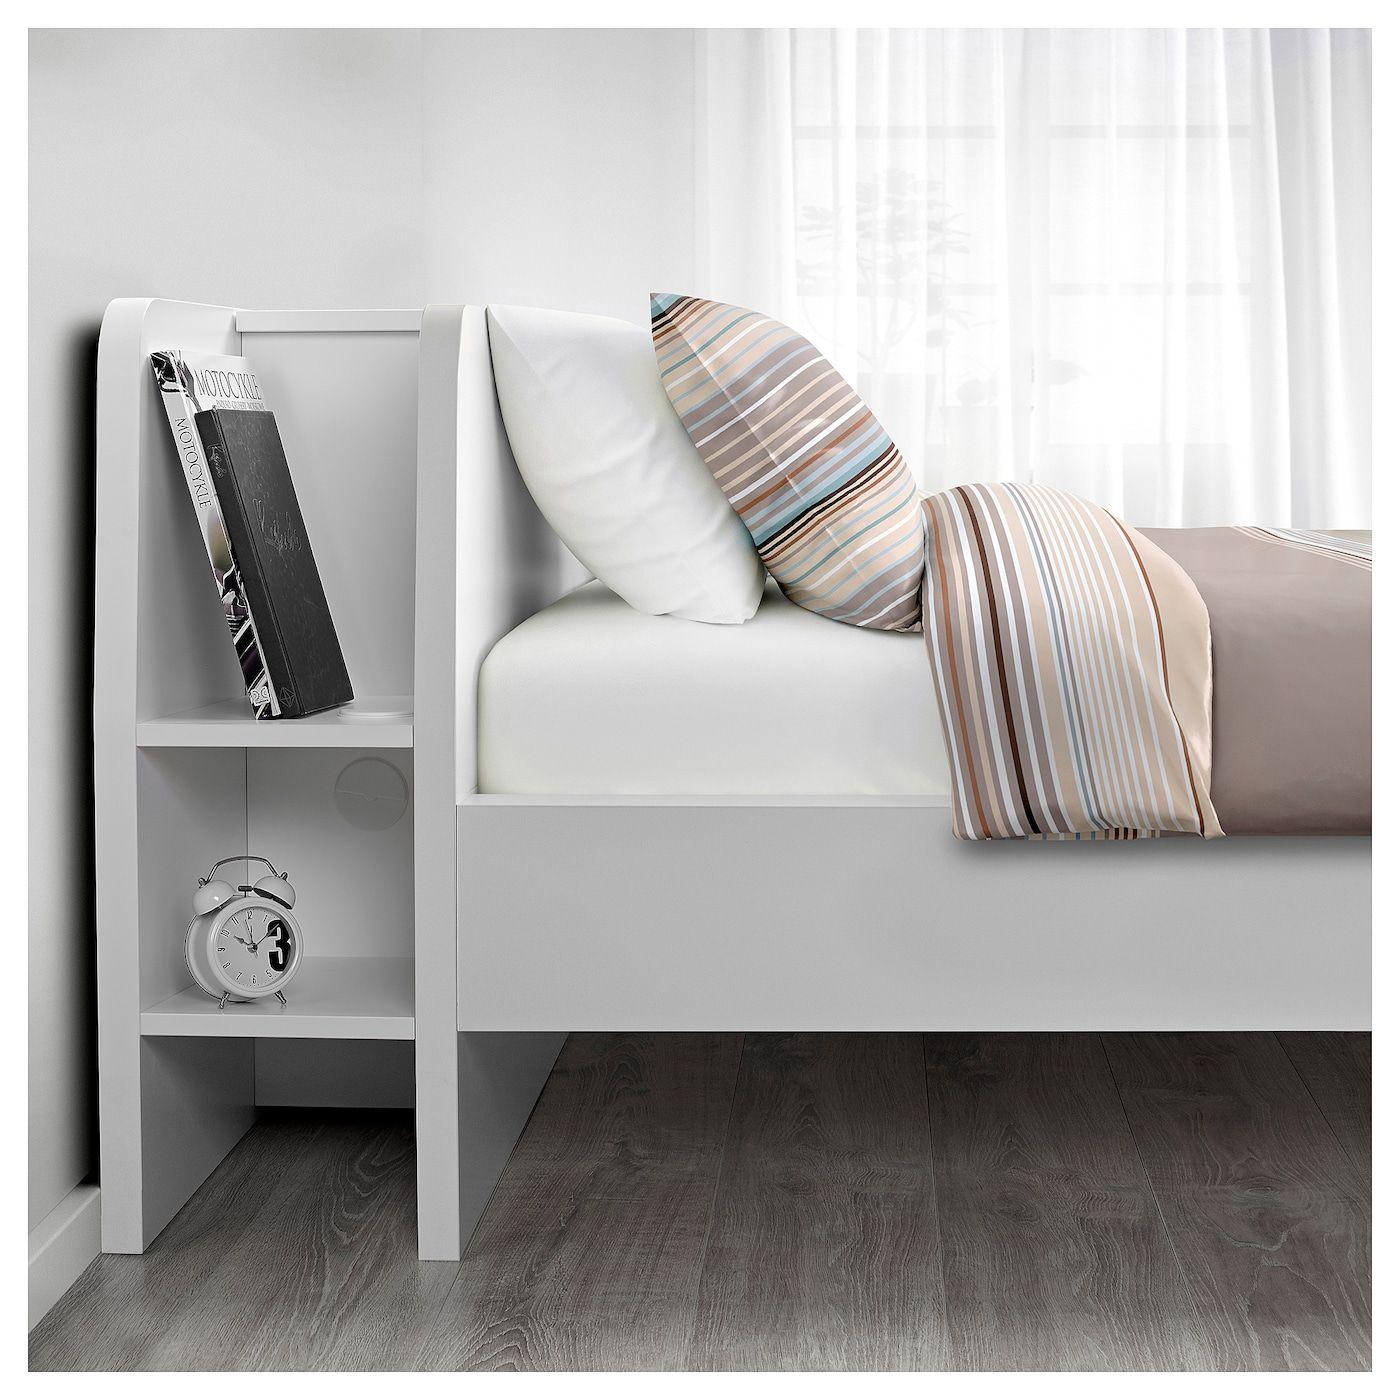 Askvoll Bettgestell Mit Kopfteil Und Aufb Weiss Lonset Ikea Osterreich Bettgestell Bett Lagerung Bett Mit Aufbewahrung